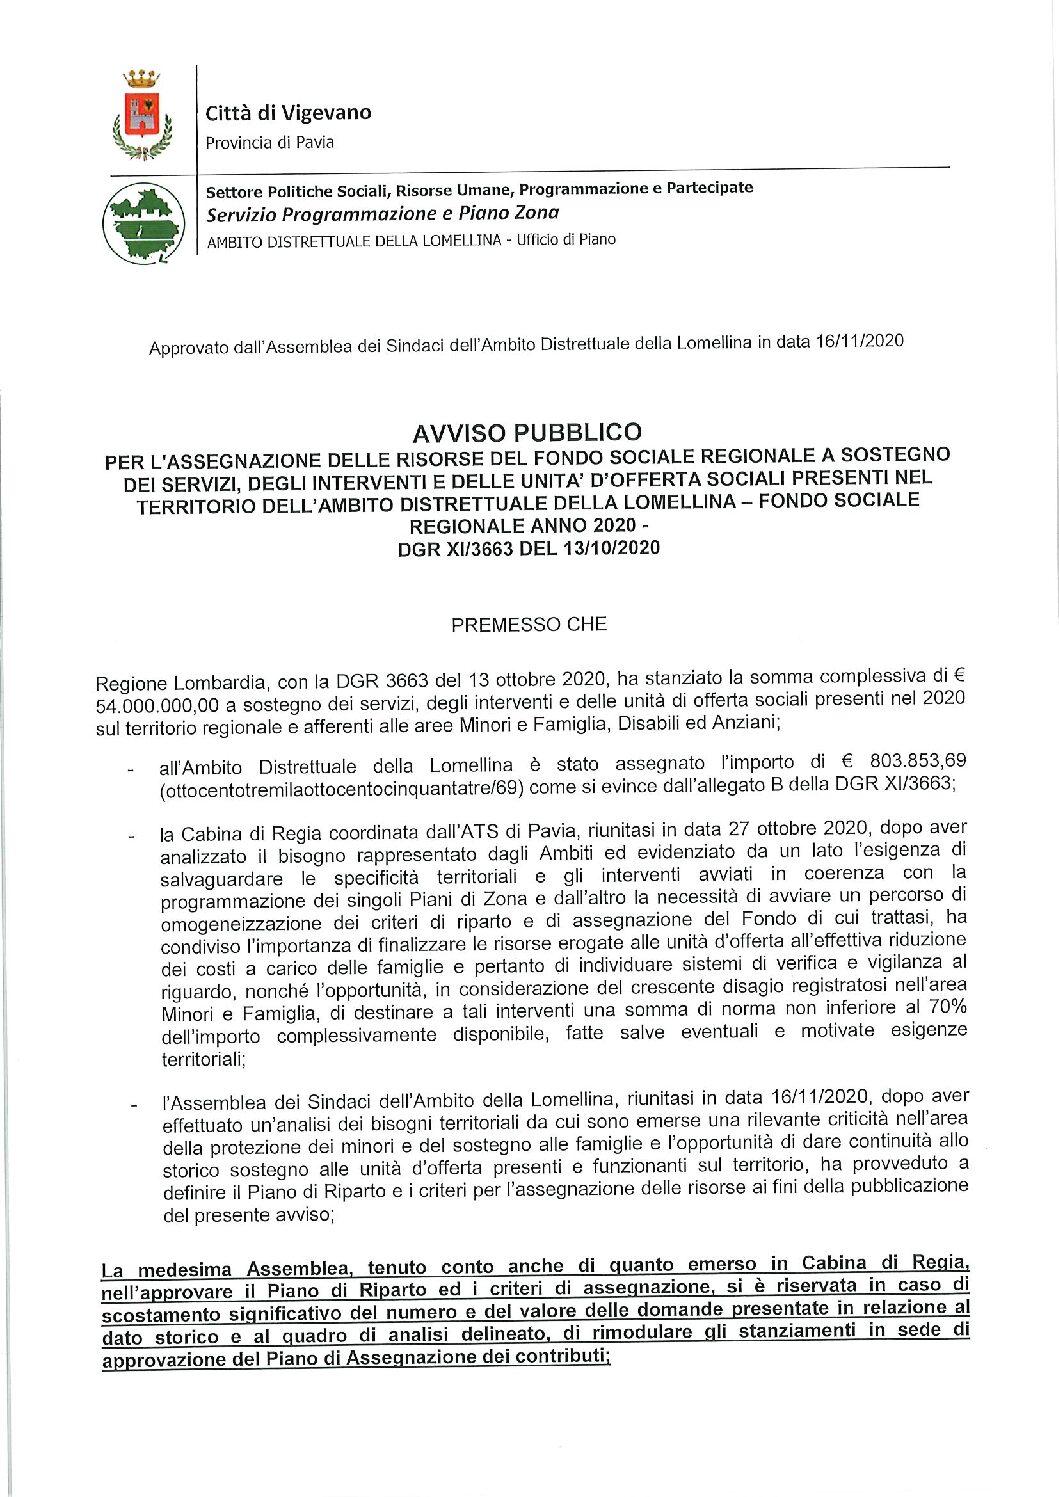 AVVISO PUBBLICO PER L'ASSEGNAZIONE DELLE RISORSE DEL FONDO SOCIALE REGIONALE A SOSTEGNO DEI SERVIZI, DEGLI INTERVENTI E DELLE UNITA' D'OFFERTA SOCIALI PRESENTI NEL TERRITORIO ELL'AMBITO DISTRETTUALE DELLA LOMELLINA–FONDO SOCIALE REGIONALE ANNO 2020-DGR XI/3663